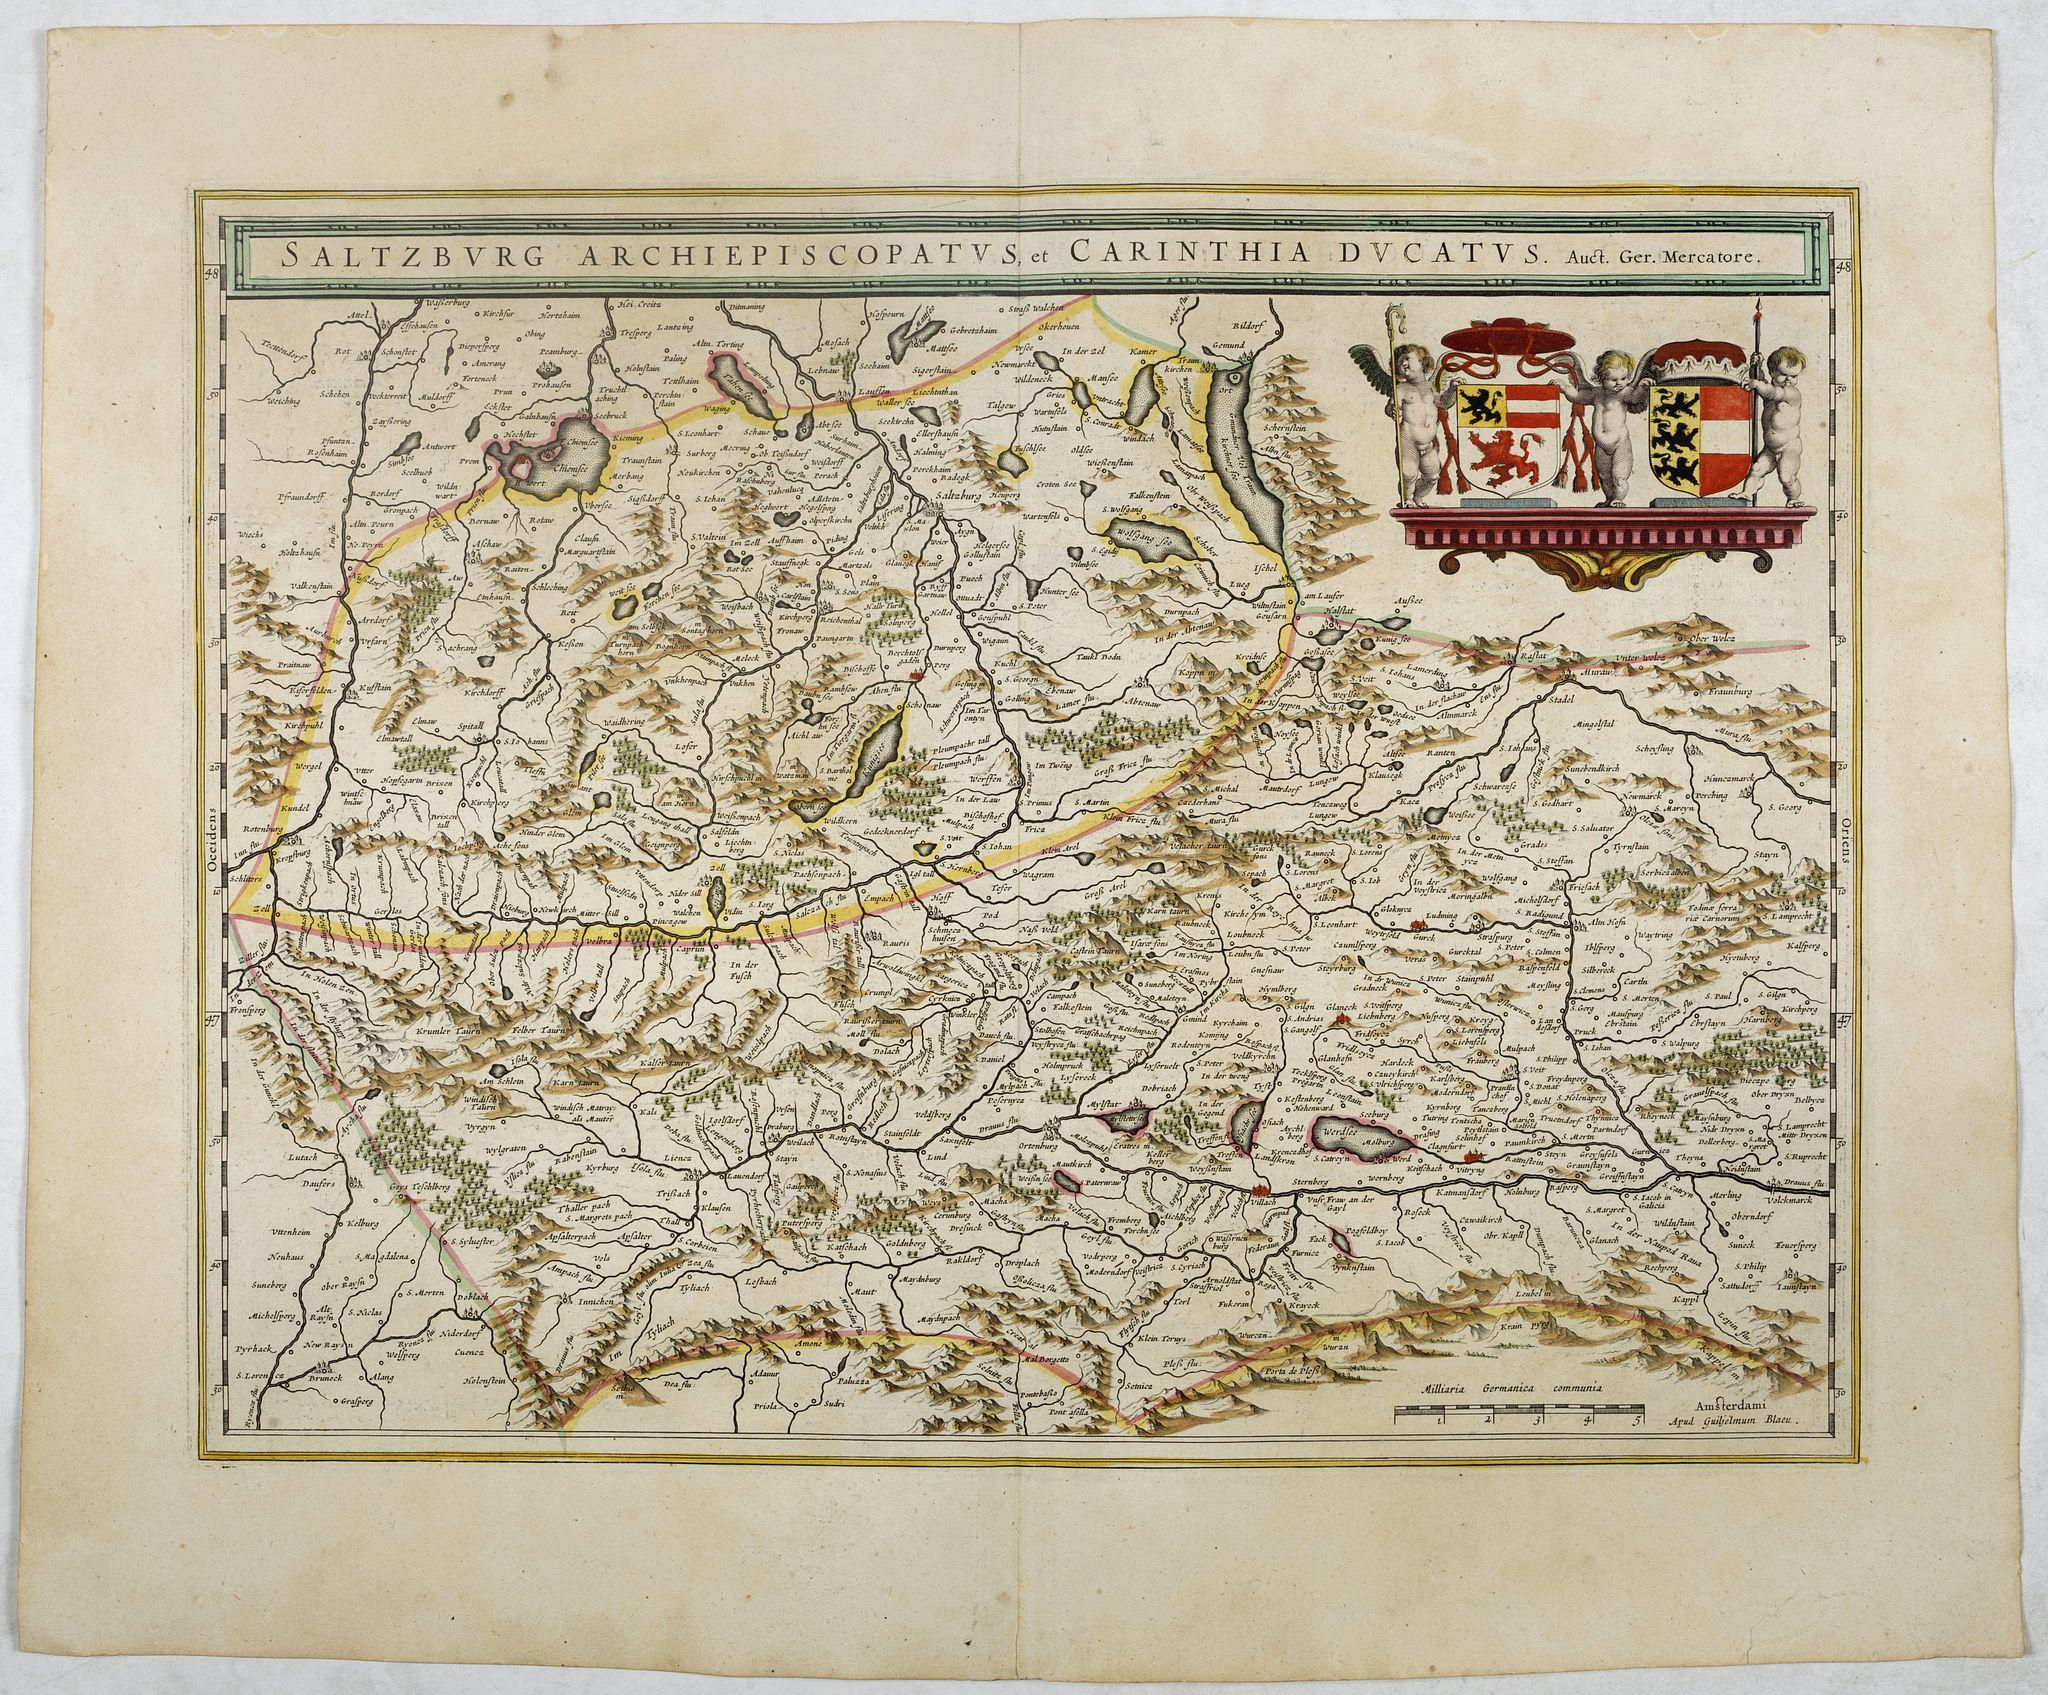 BLAEU, W. -  Saltzburg Archiepiscopatus, et Carinthia Ducatus.